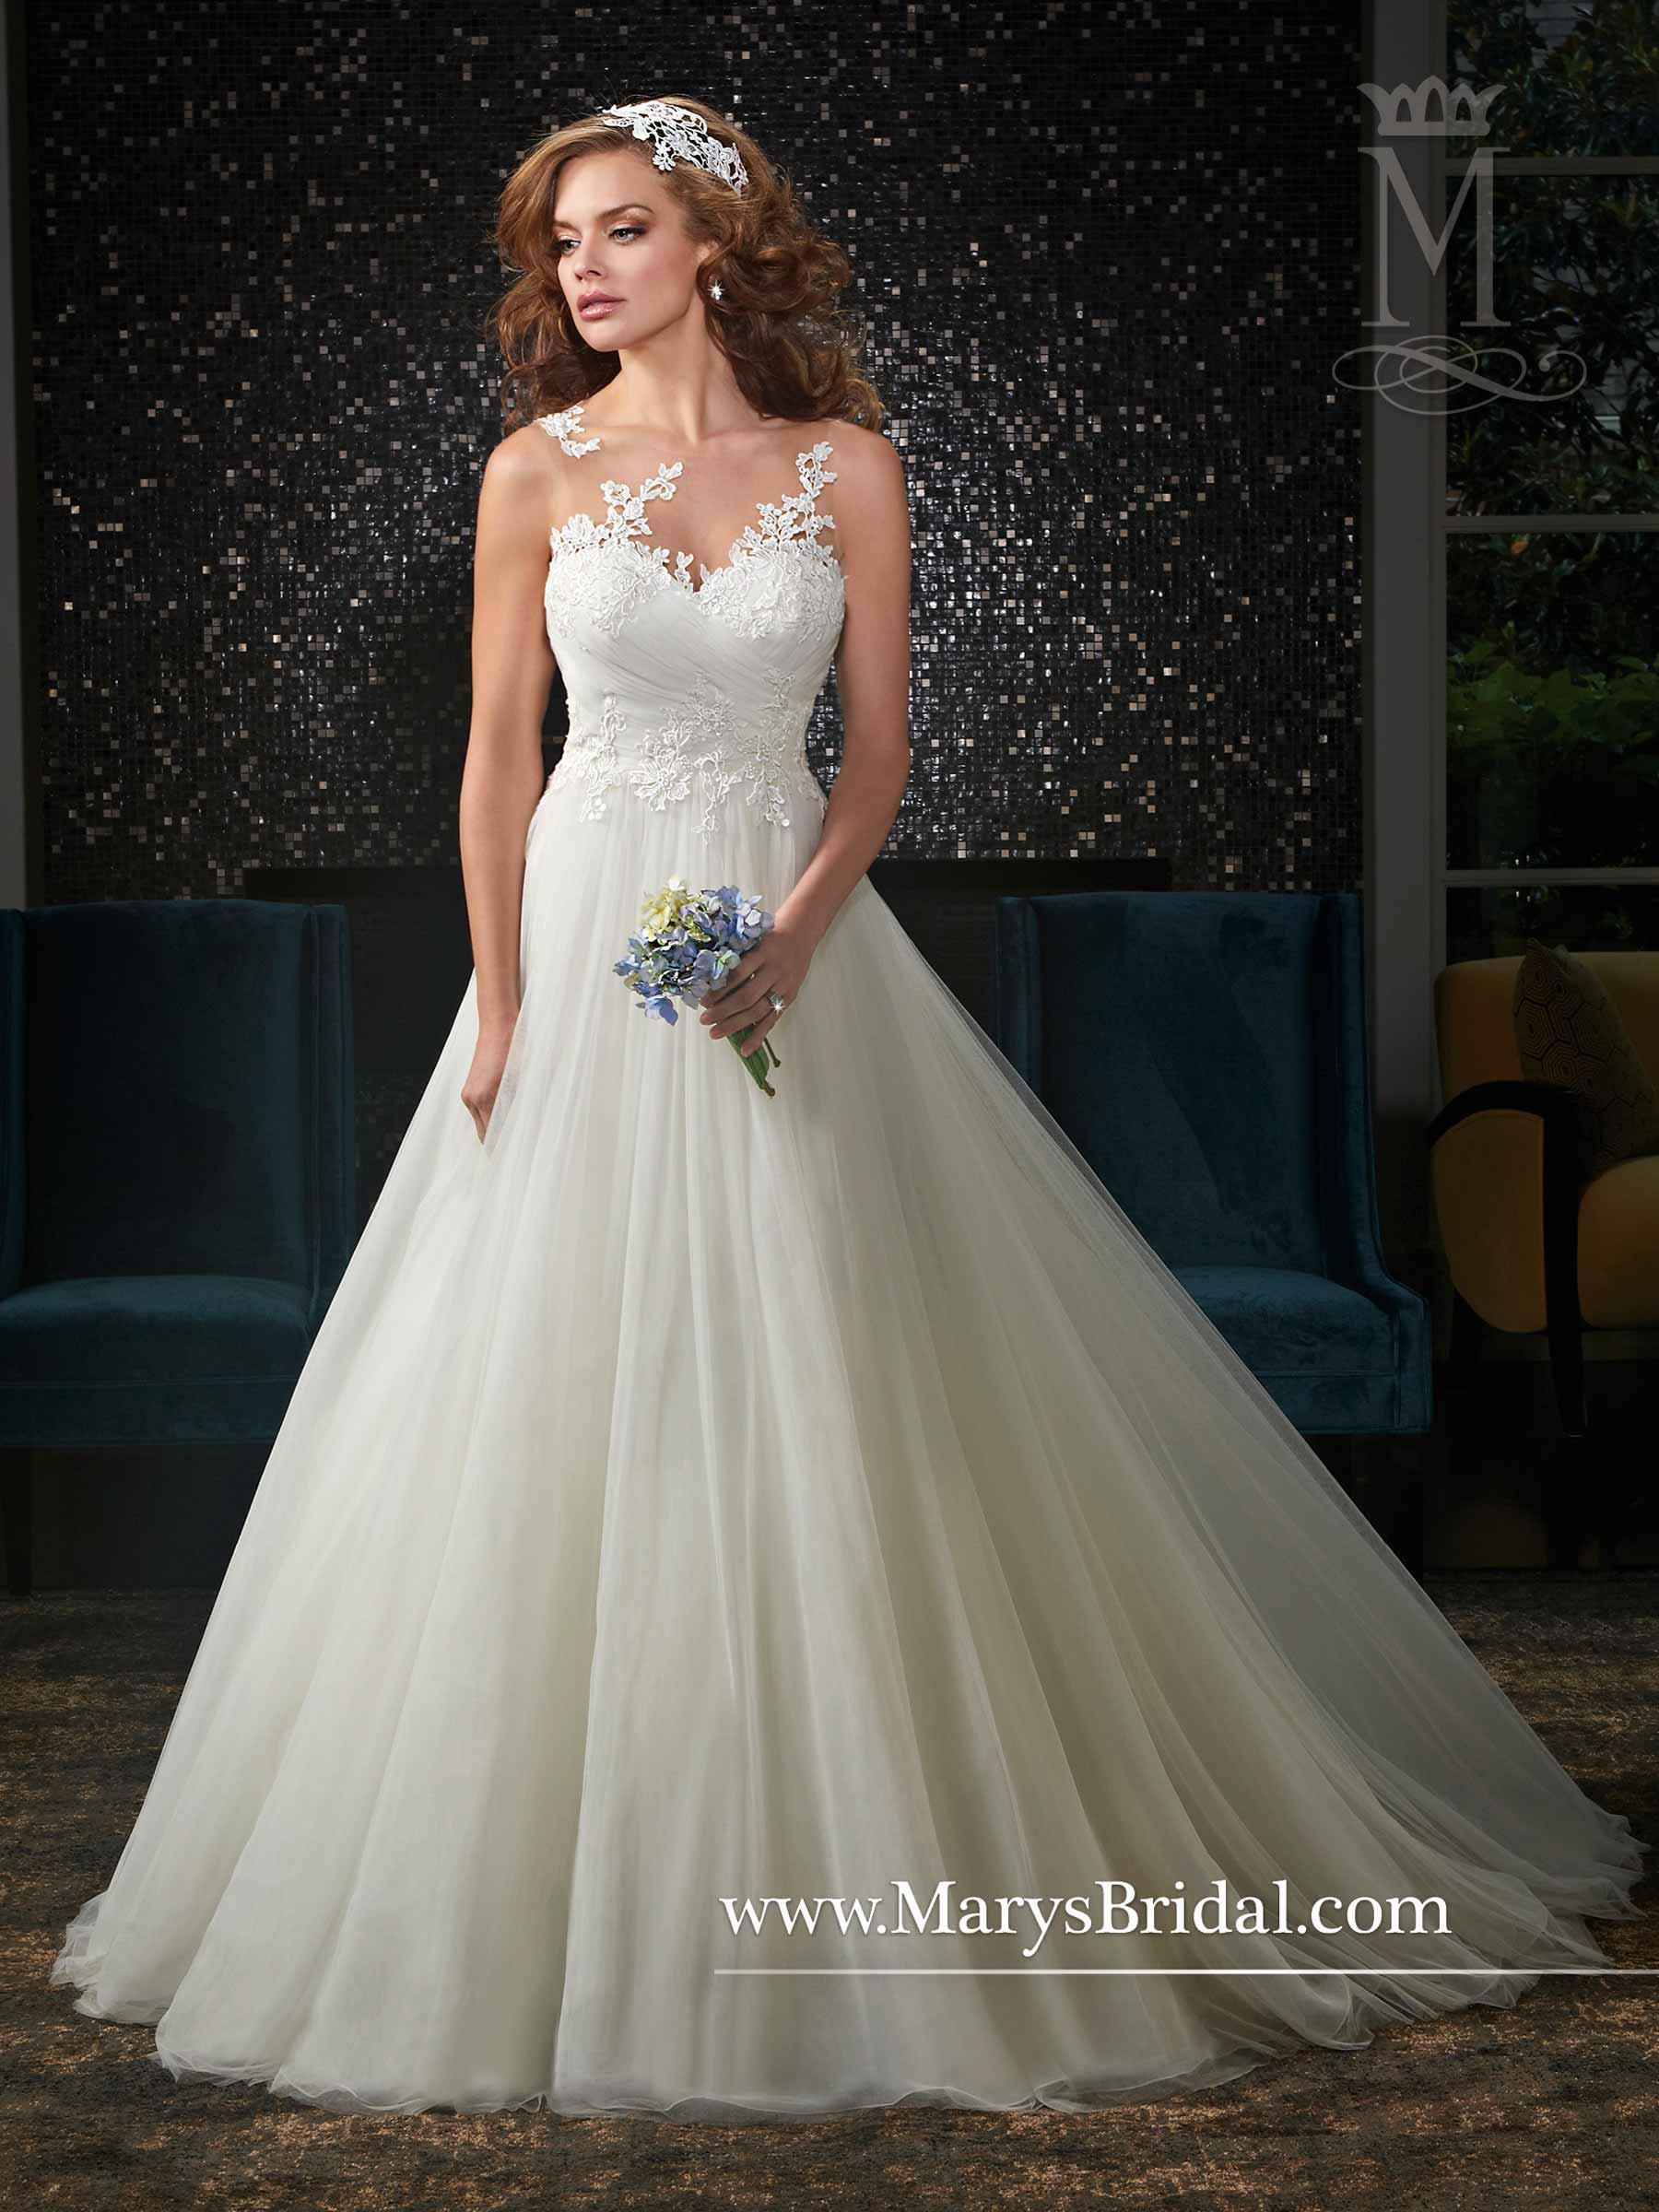 6426-marys bridal